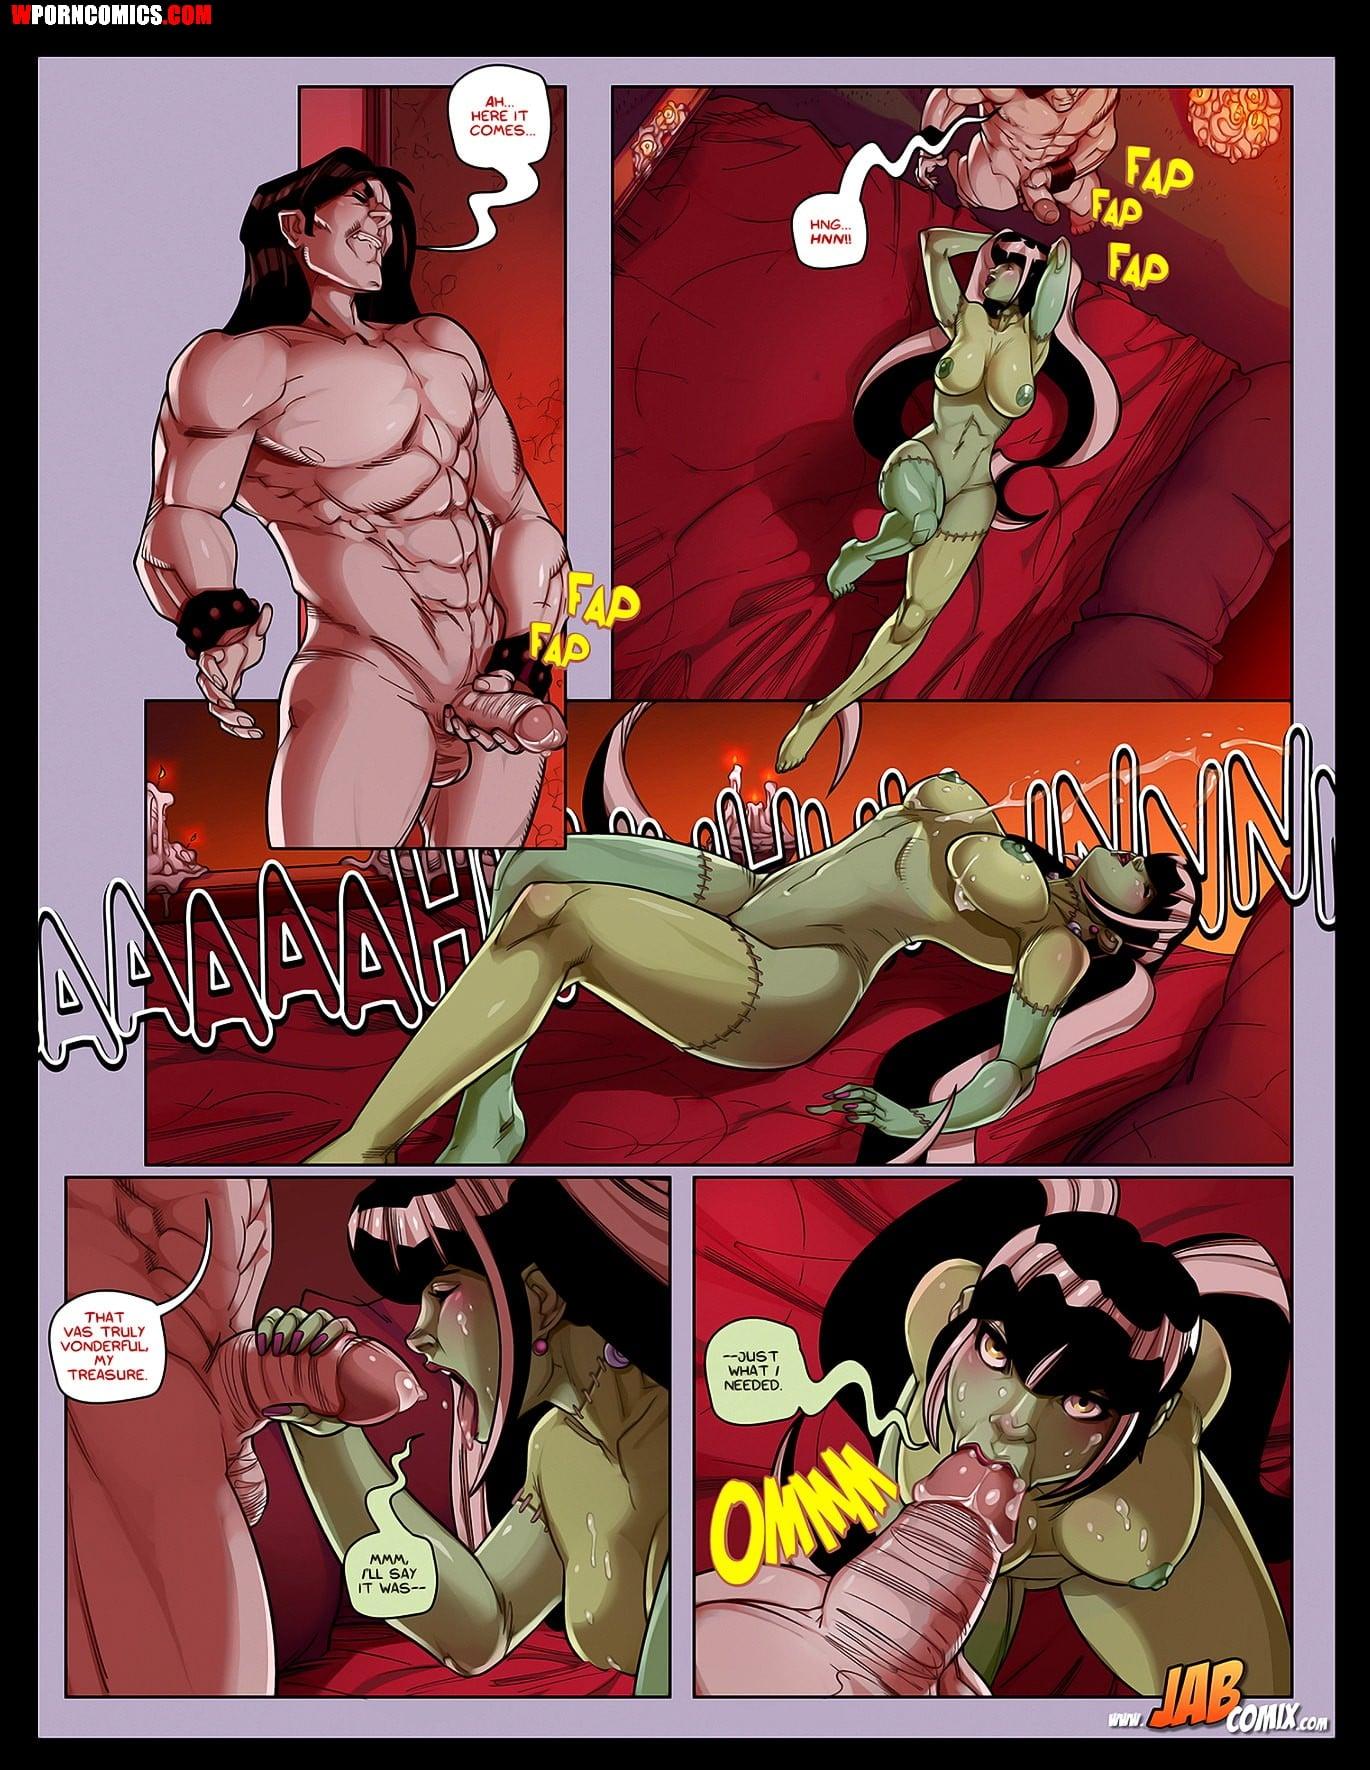 porn-comic-the-creepies-part-4-2020-02-14/porn-comic-the-creepies-part-4-2020-02-14-21429.jpg